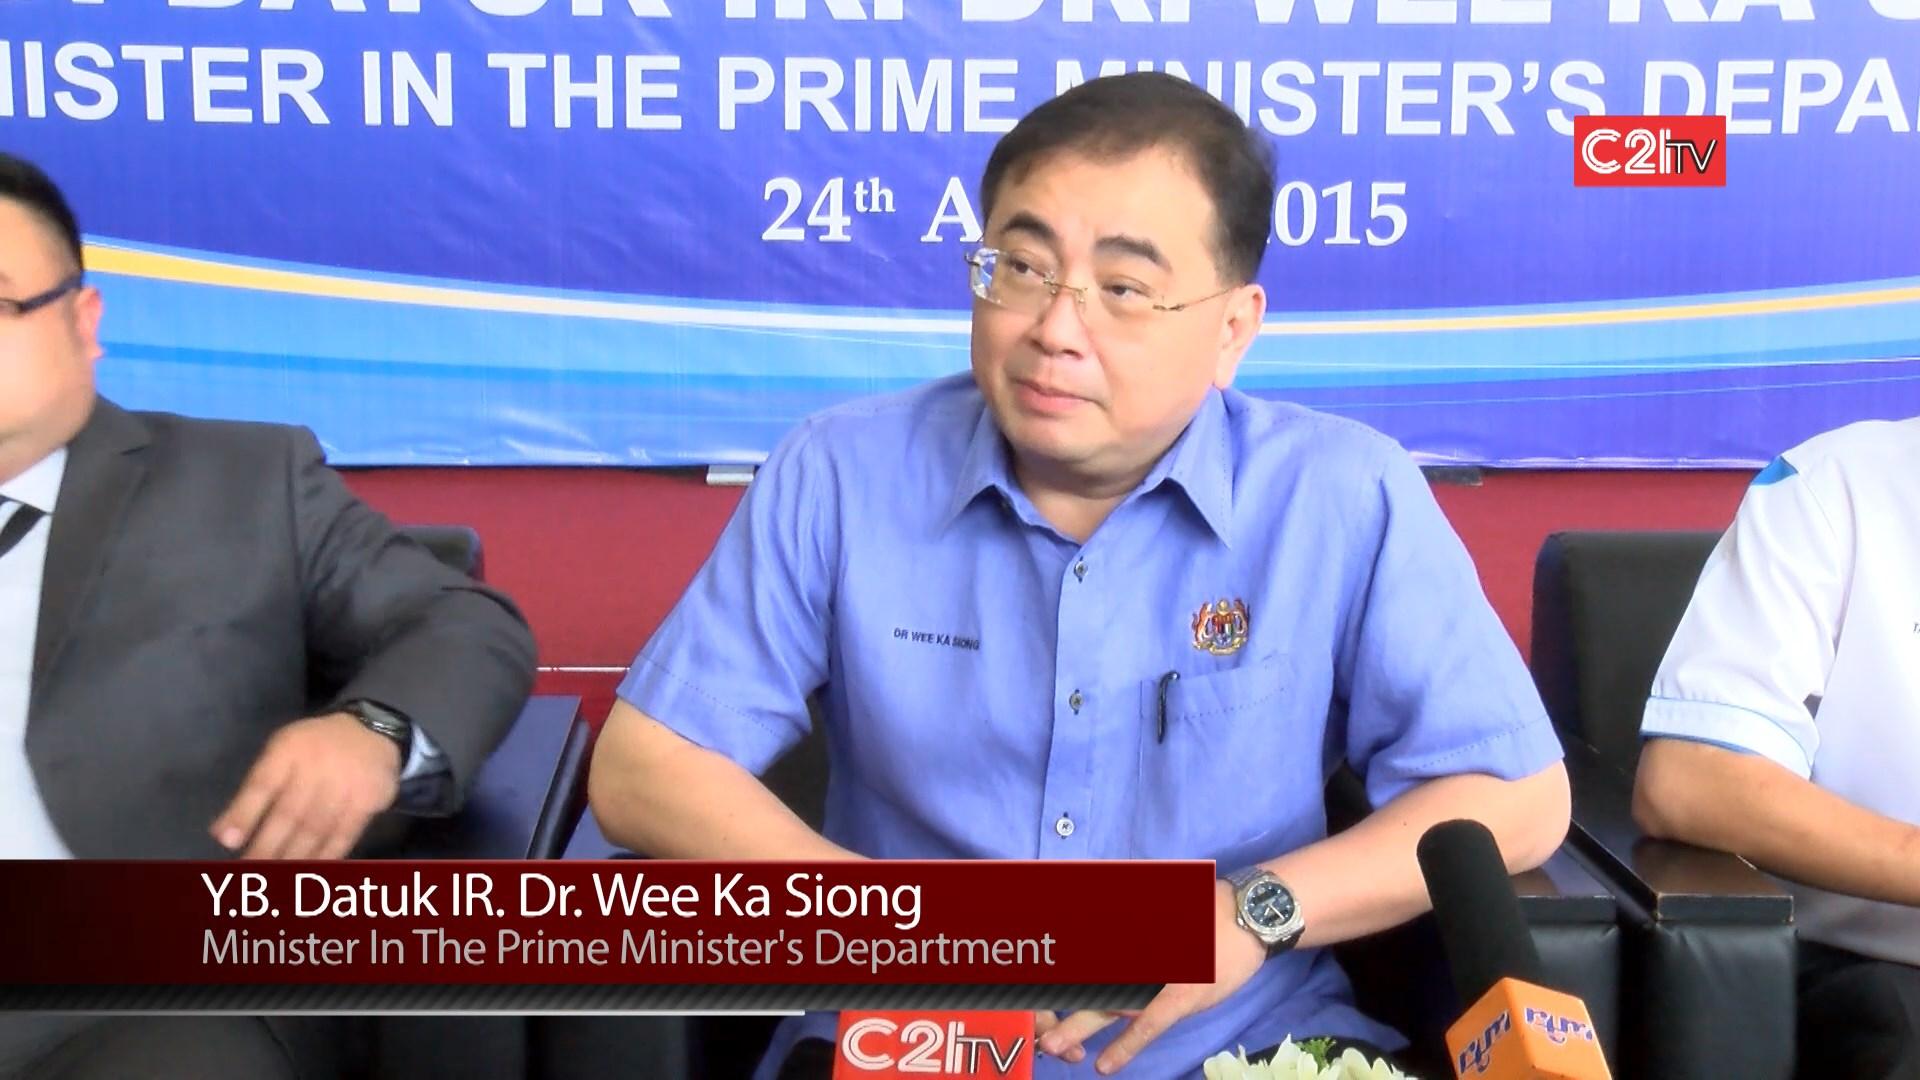 OneBuild@JB 2015 - Y.b. Datuk Ir. Dr. Wee Ka Siong